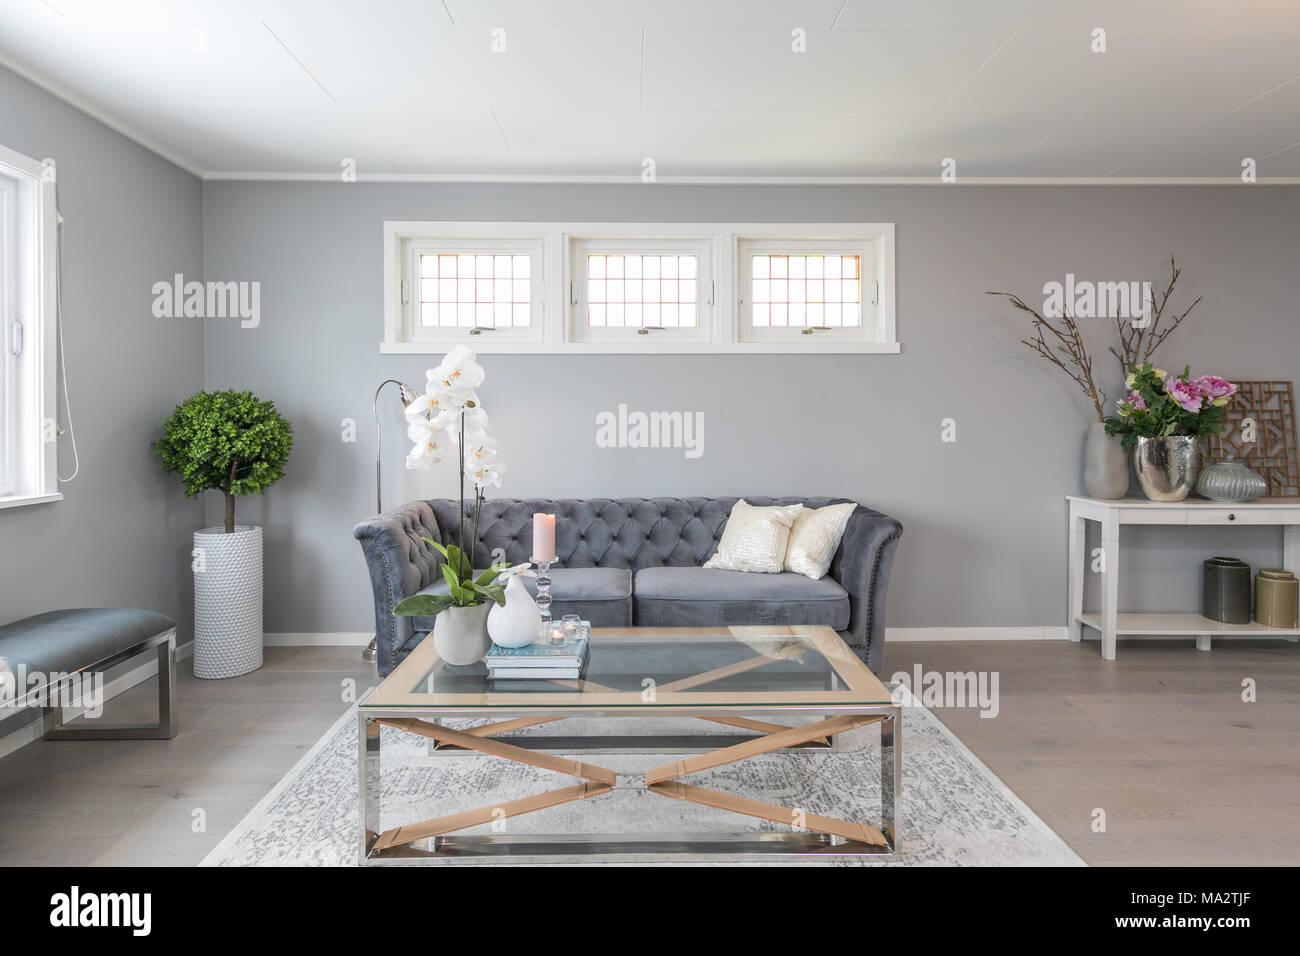 Pareti Grigie Salotto : Interni scandinavo salotto con pareti grigie e il lettino foto